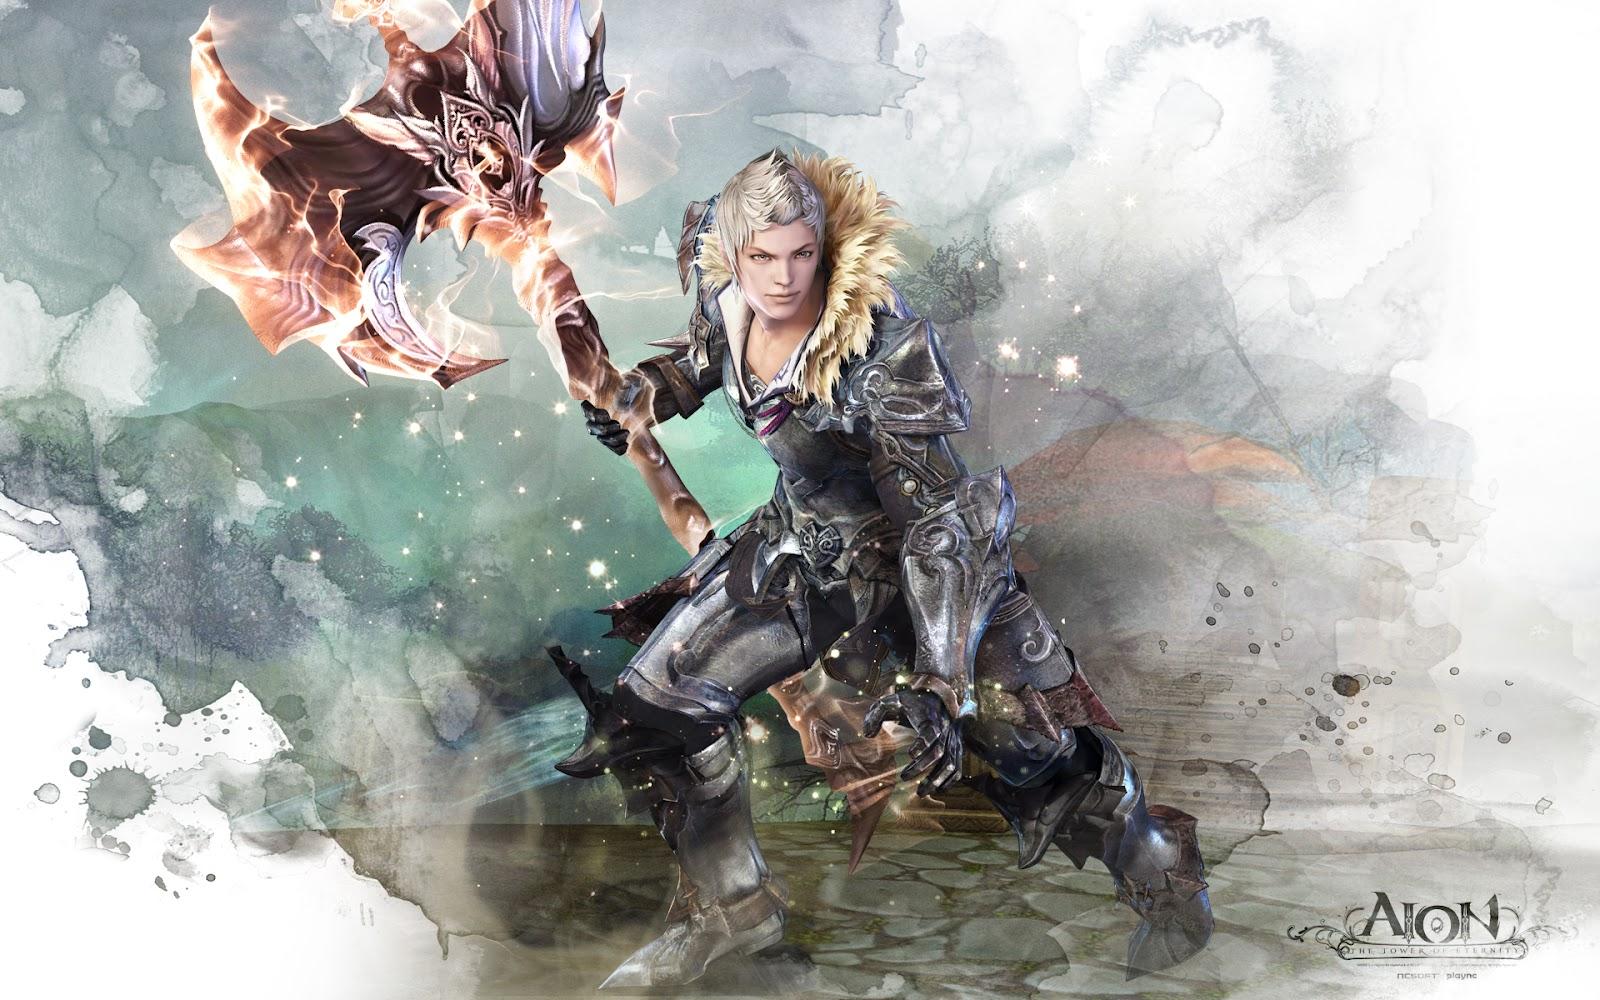 http://1.bp.blogspot.com/-Tmlqn9c3XmU/UBM7avdnaQI/AAAAAAAADuw/DGSPnI0UIgc/s1600/Aion+Online+wallpapers_gladiator.jpg